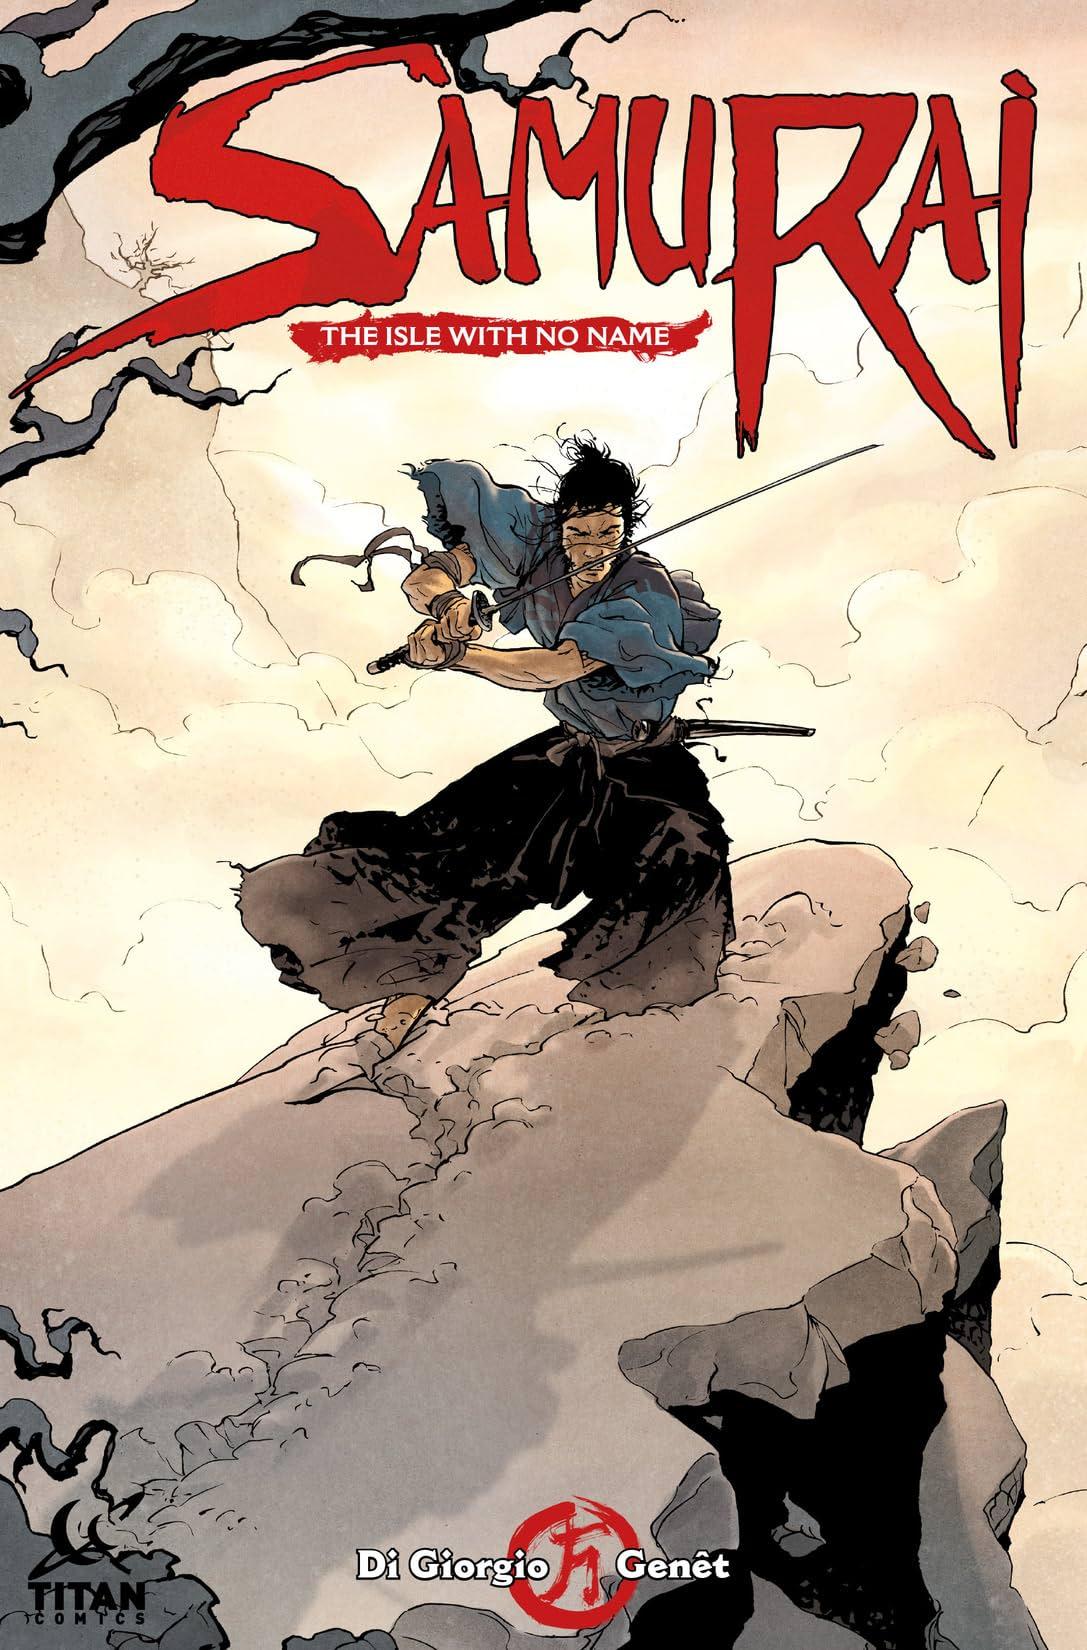 Samurai #2